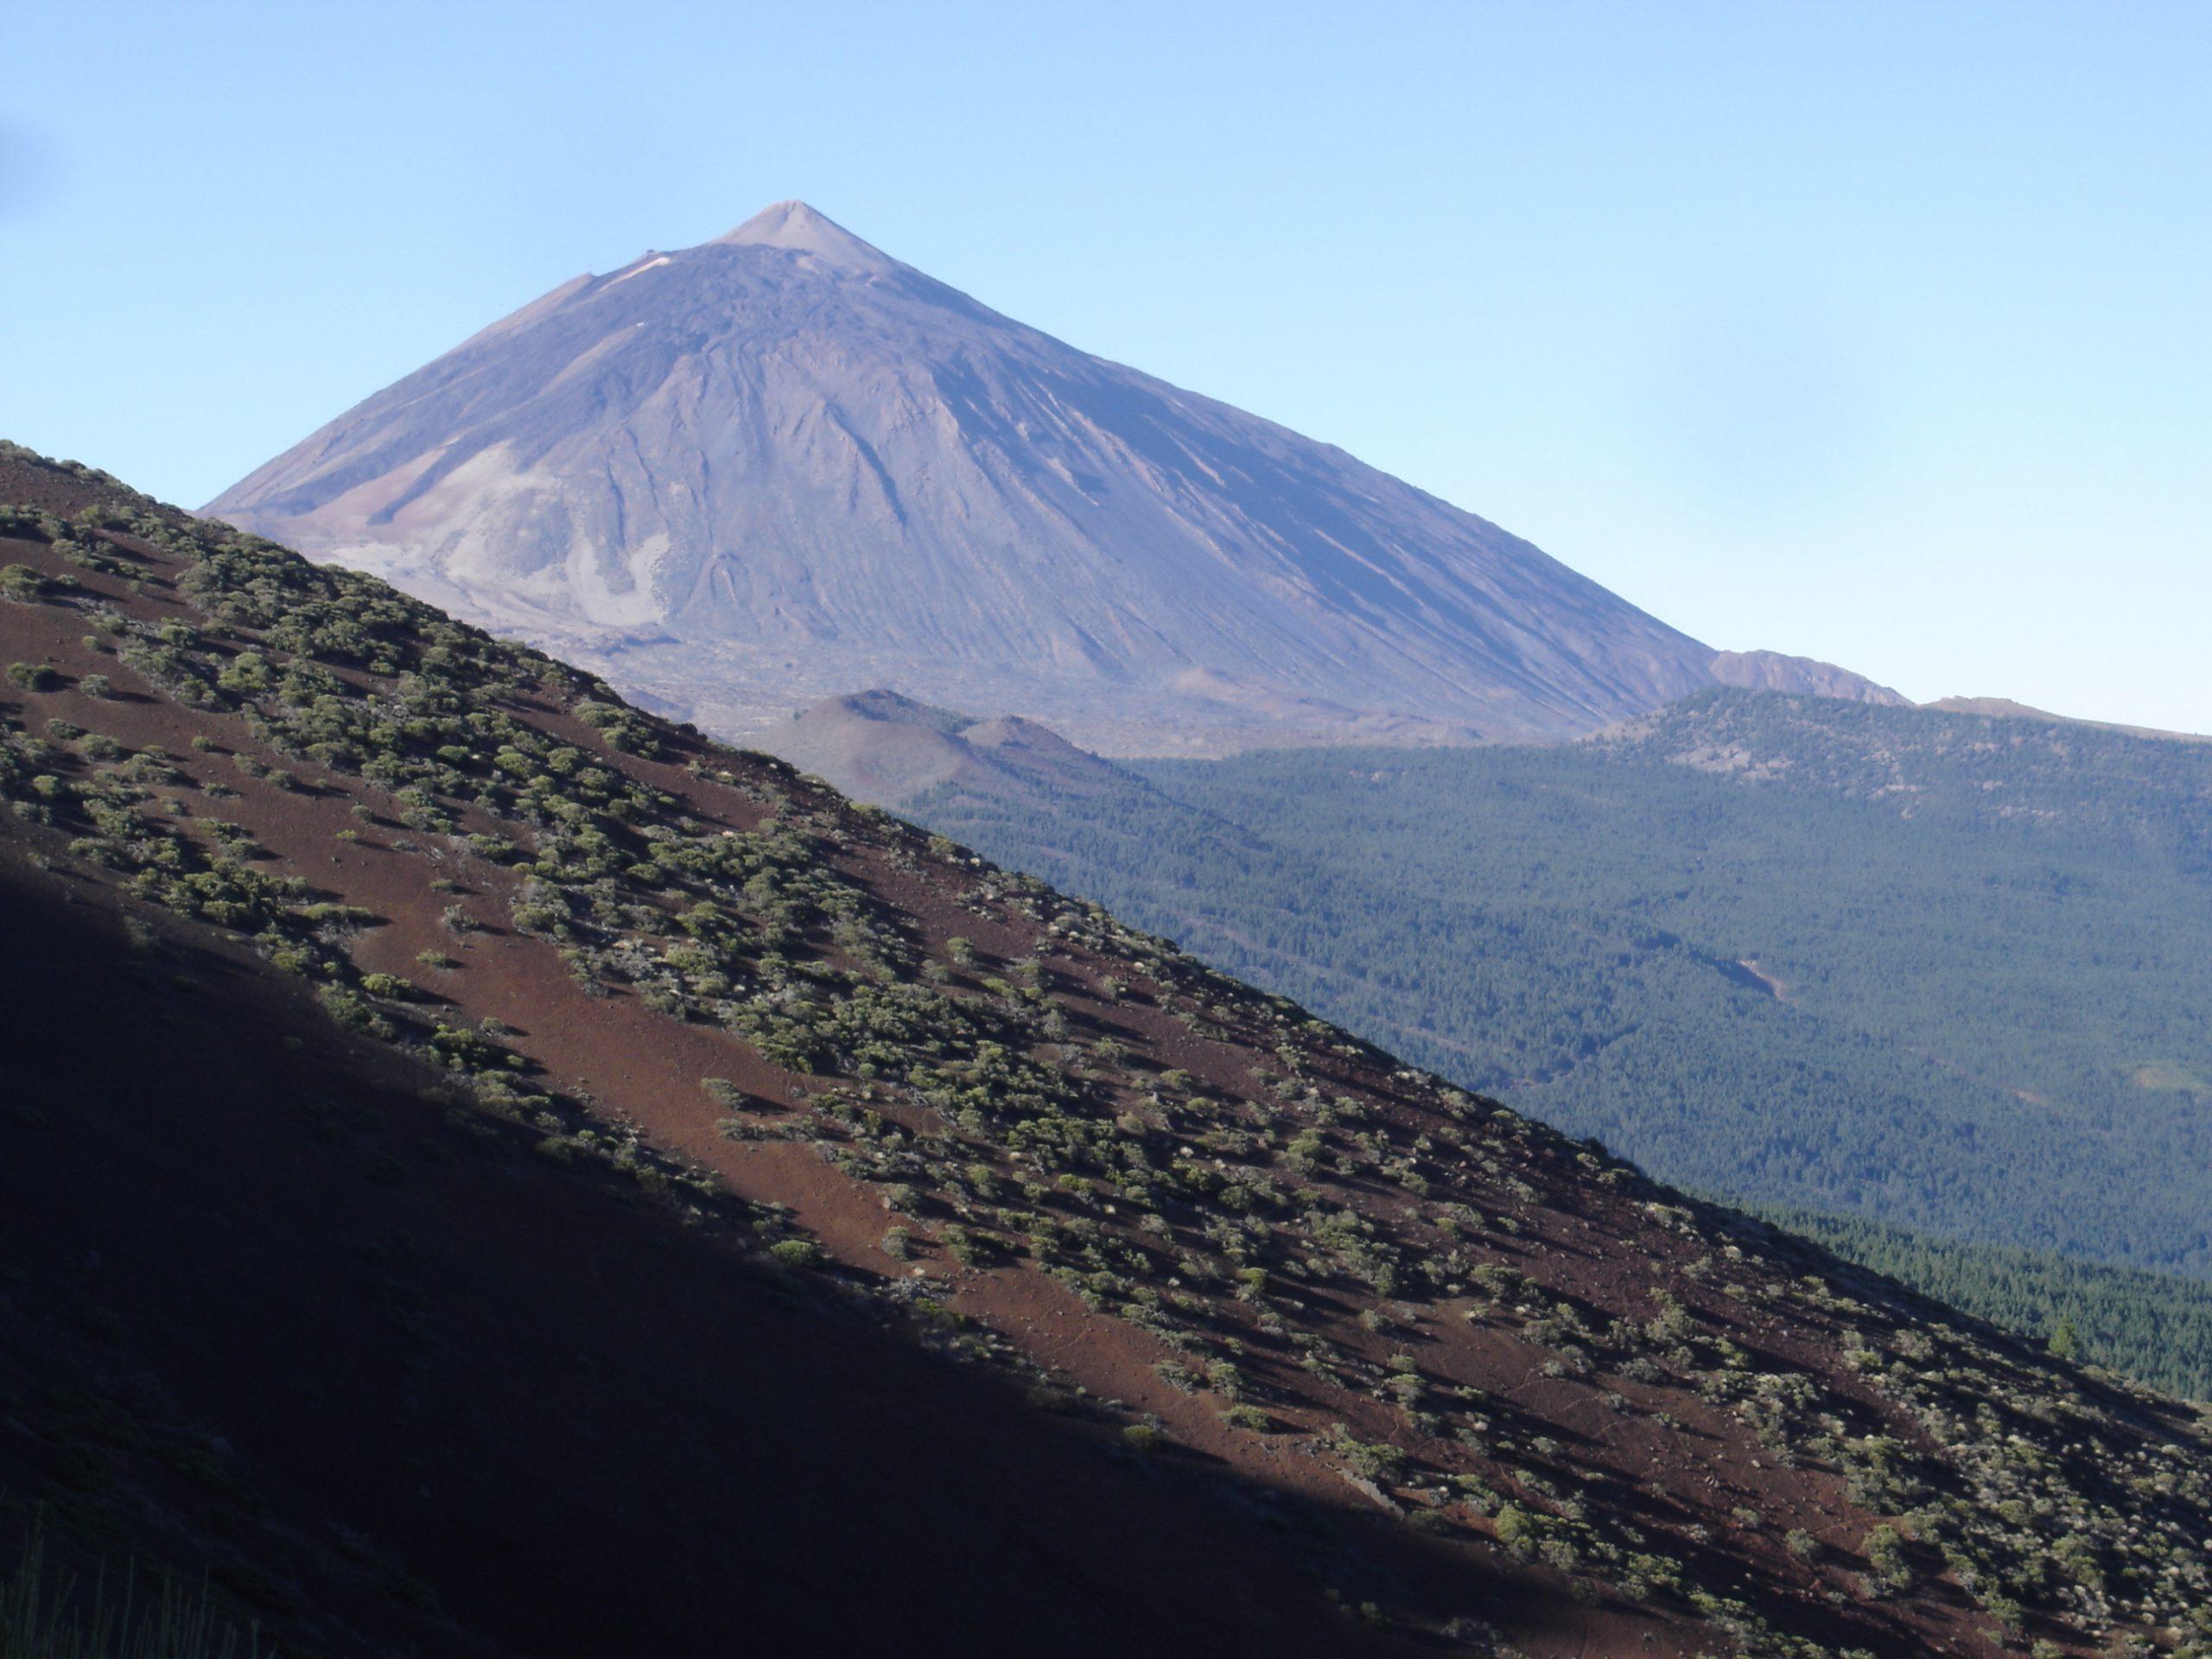 Ascensión al Teide. Tenerife, Islas Canarias